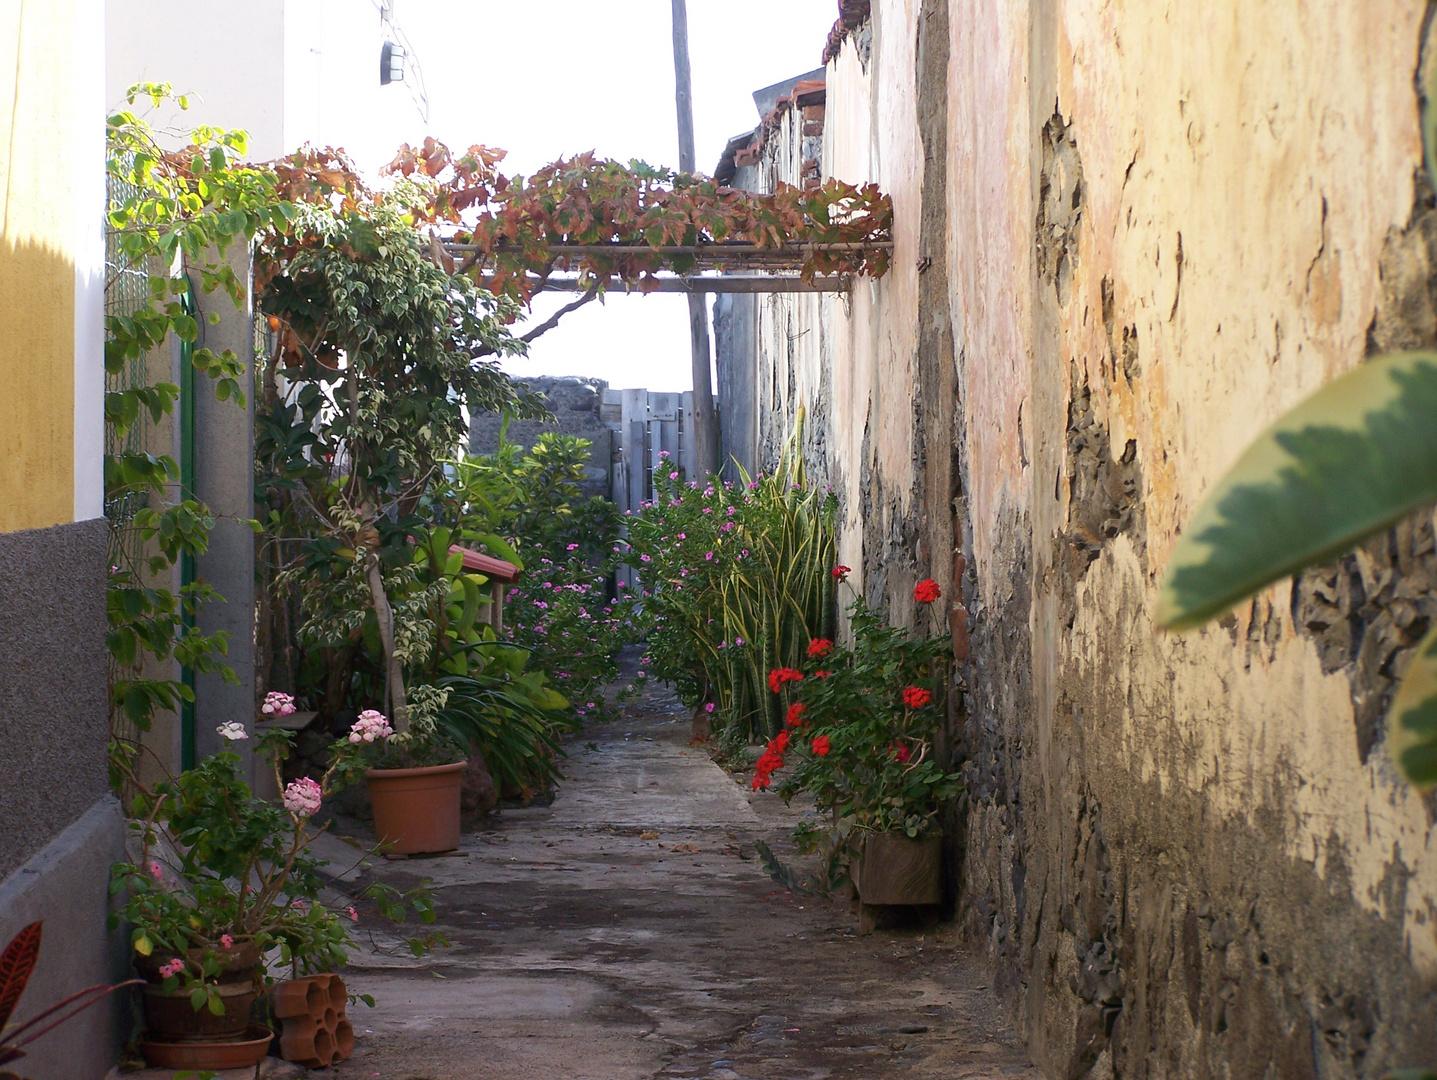 Small alleyway in Santiago